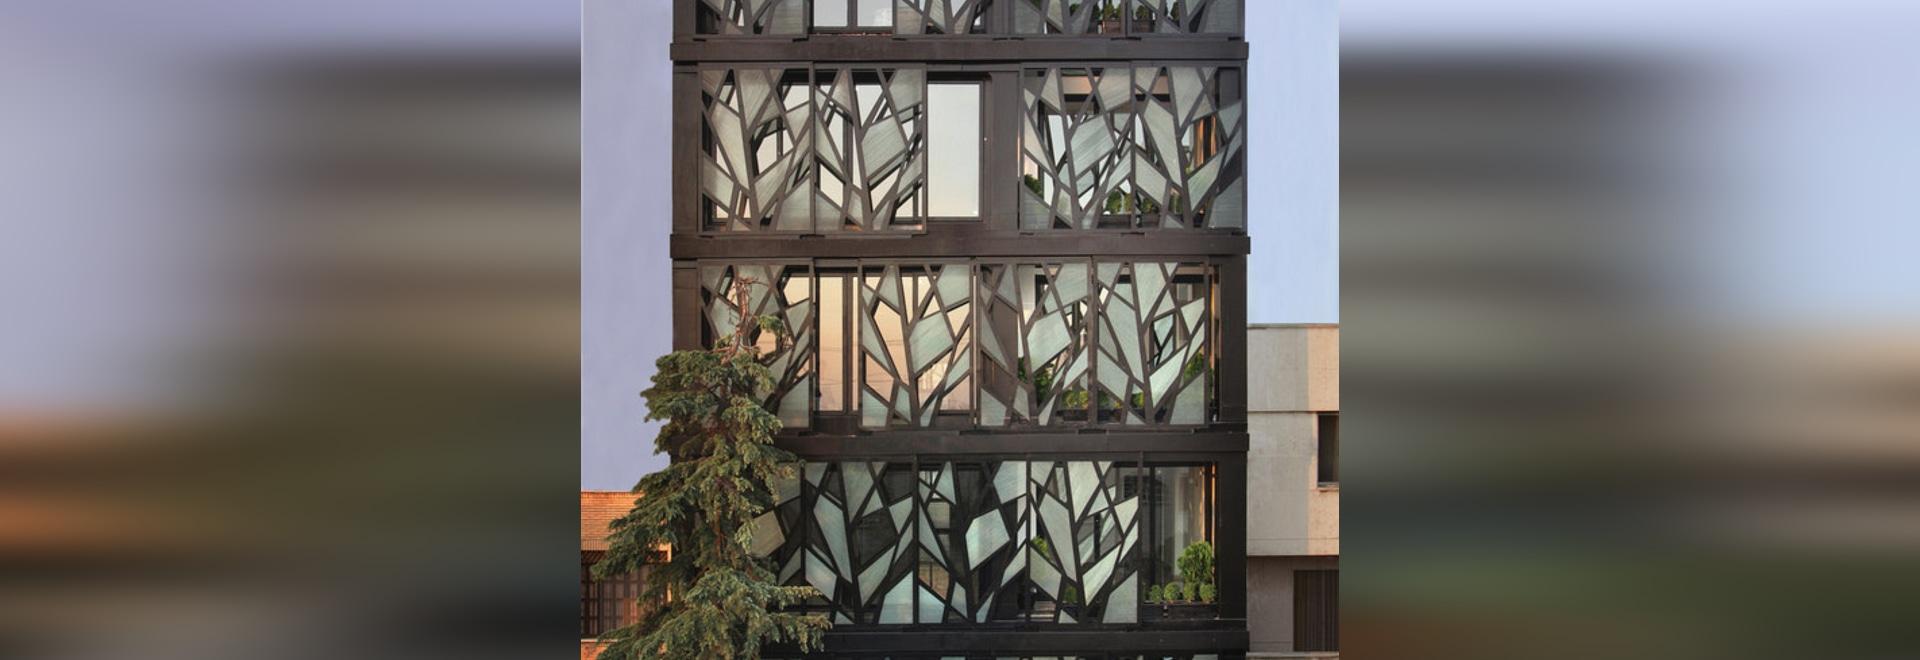 Architecture Iran – innovative facades